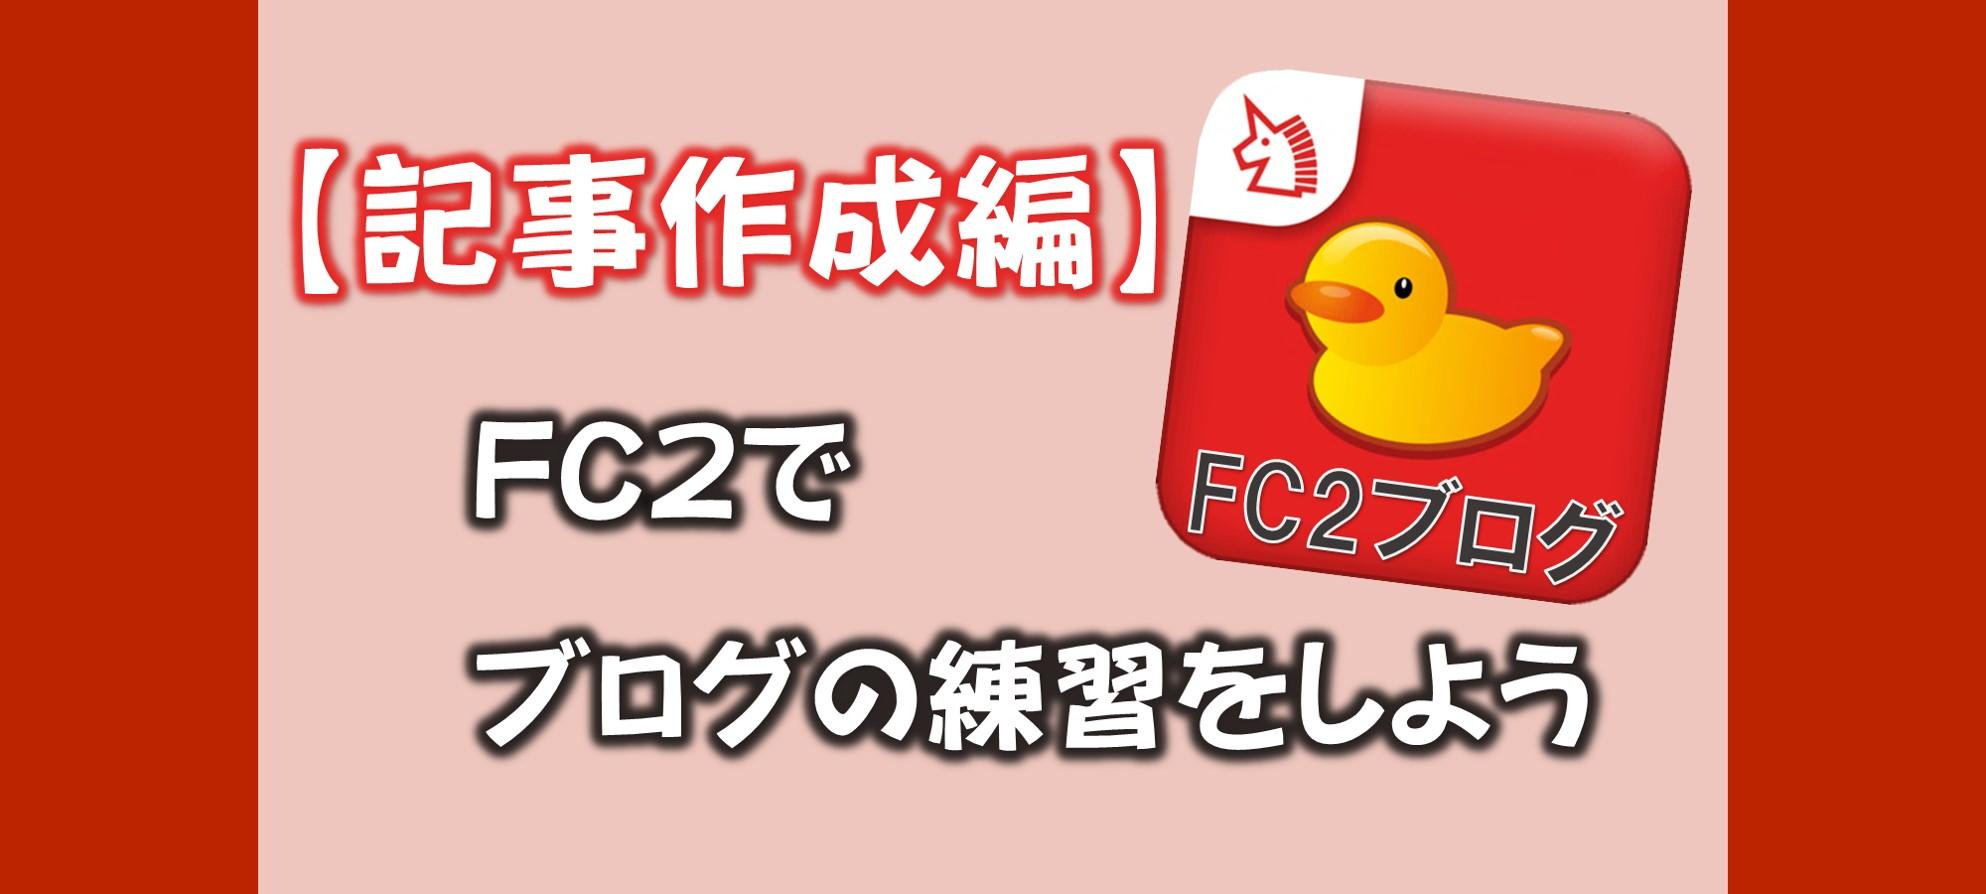 初心者も安心!FC2ブログ記事の書き方【新しい投稿ページβ版】